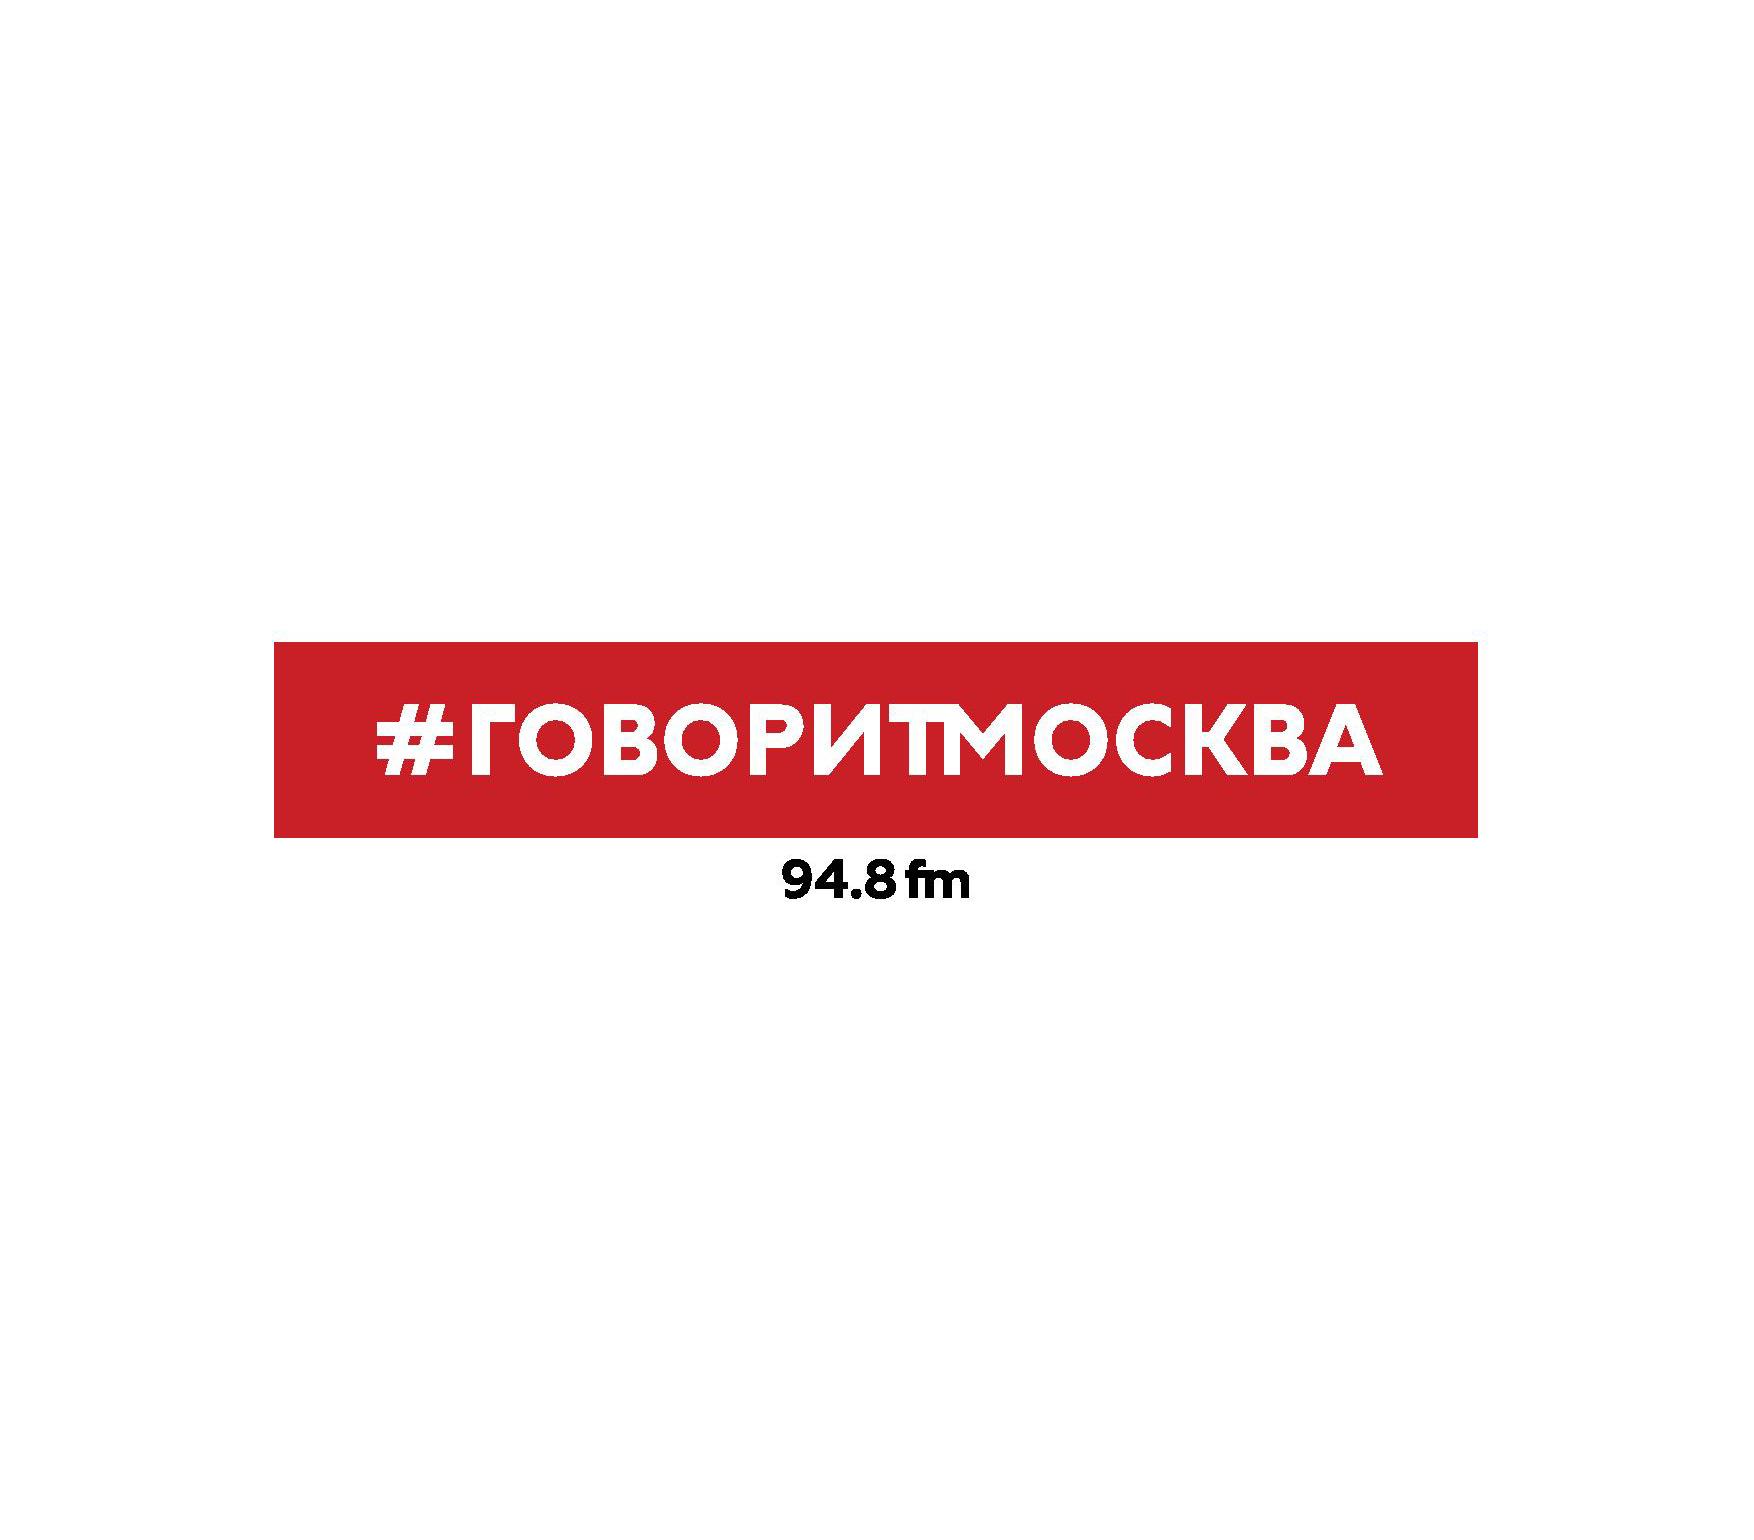 цена Сергей Береговой Зоя Космодемьянская в интернет-магазинах